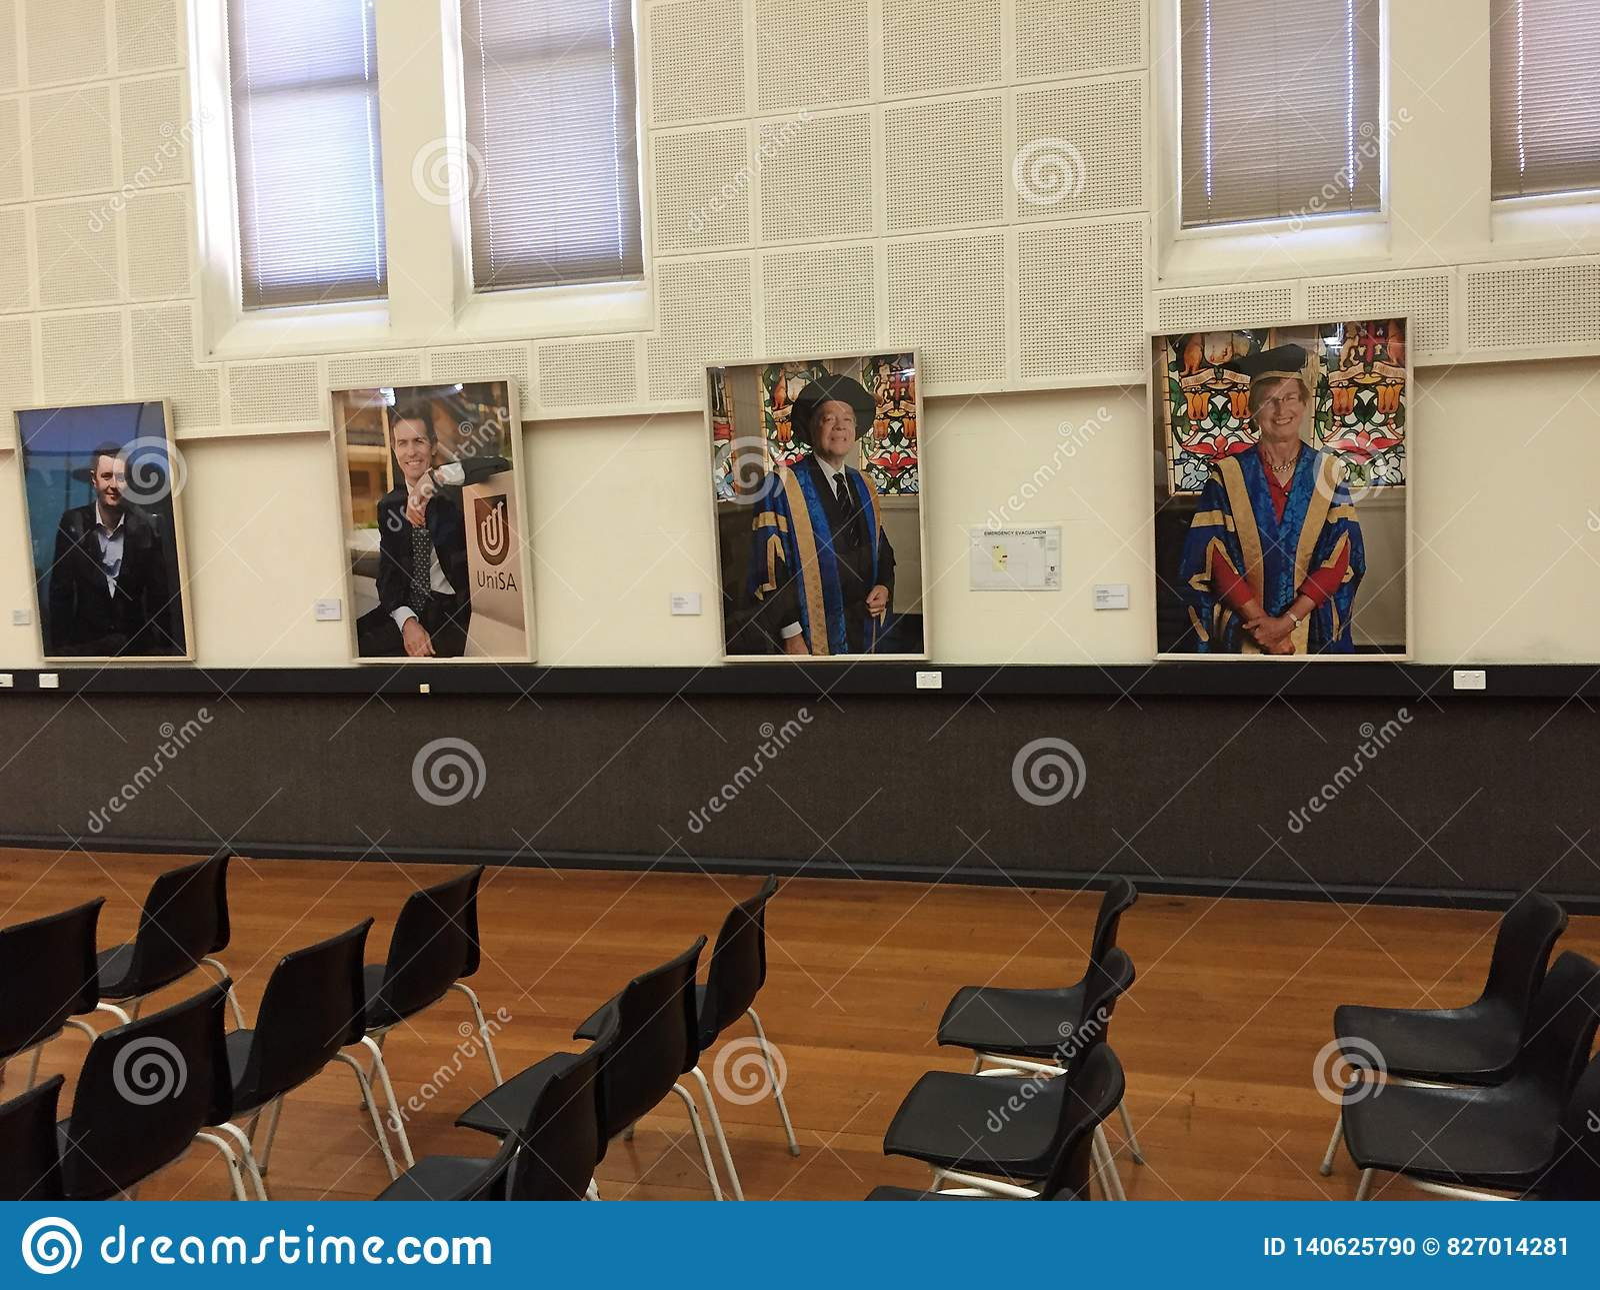 The inside of university in Australia